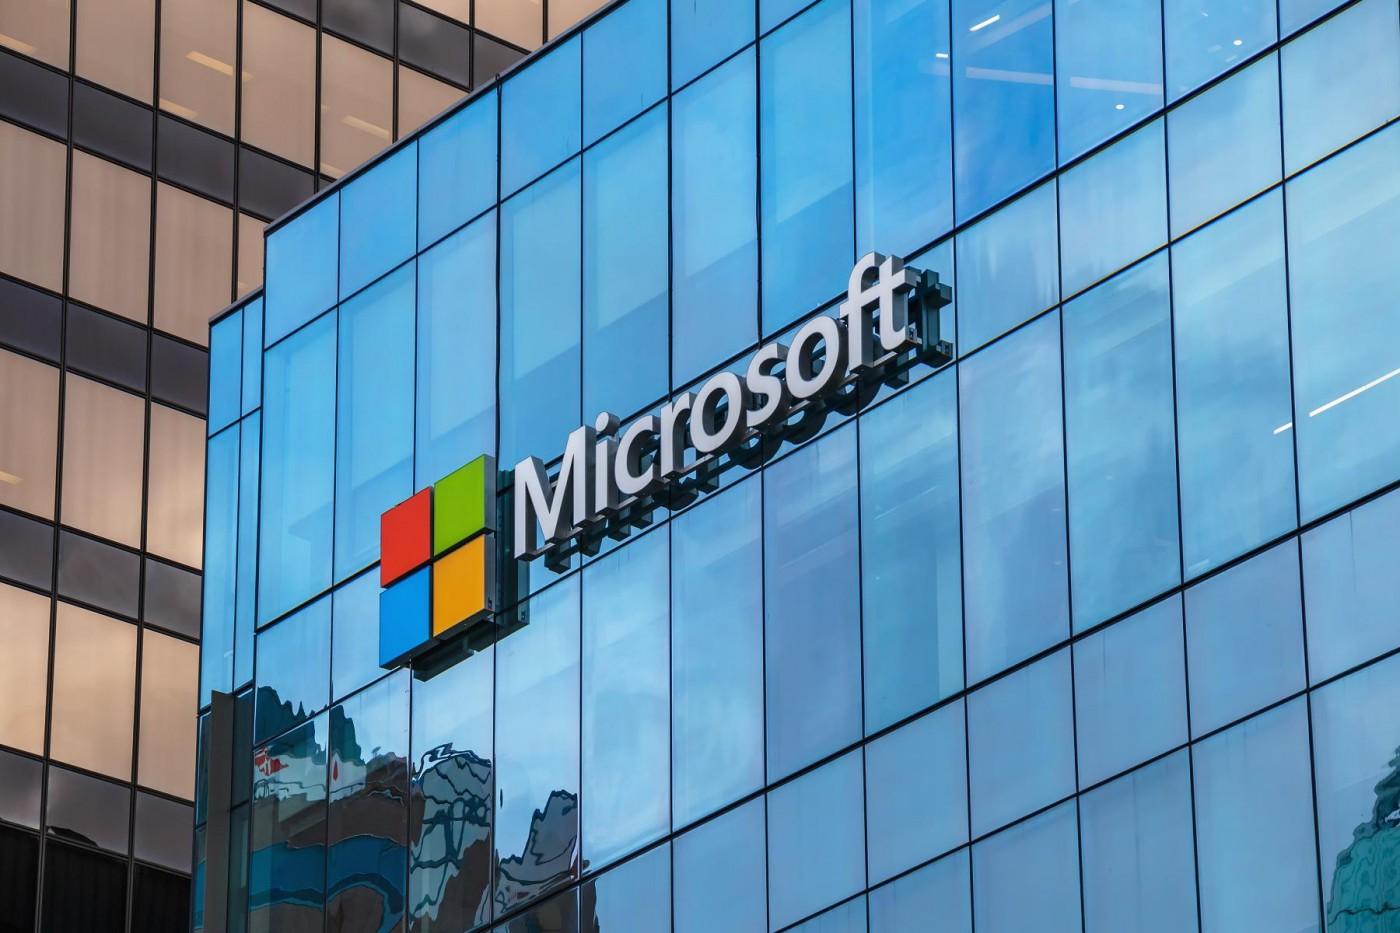 兩項AI研究突破,卻讓微軟遭質疑:幫助中國政府侵害基本人權